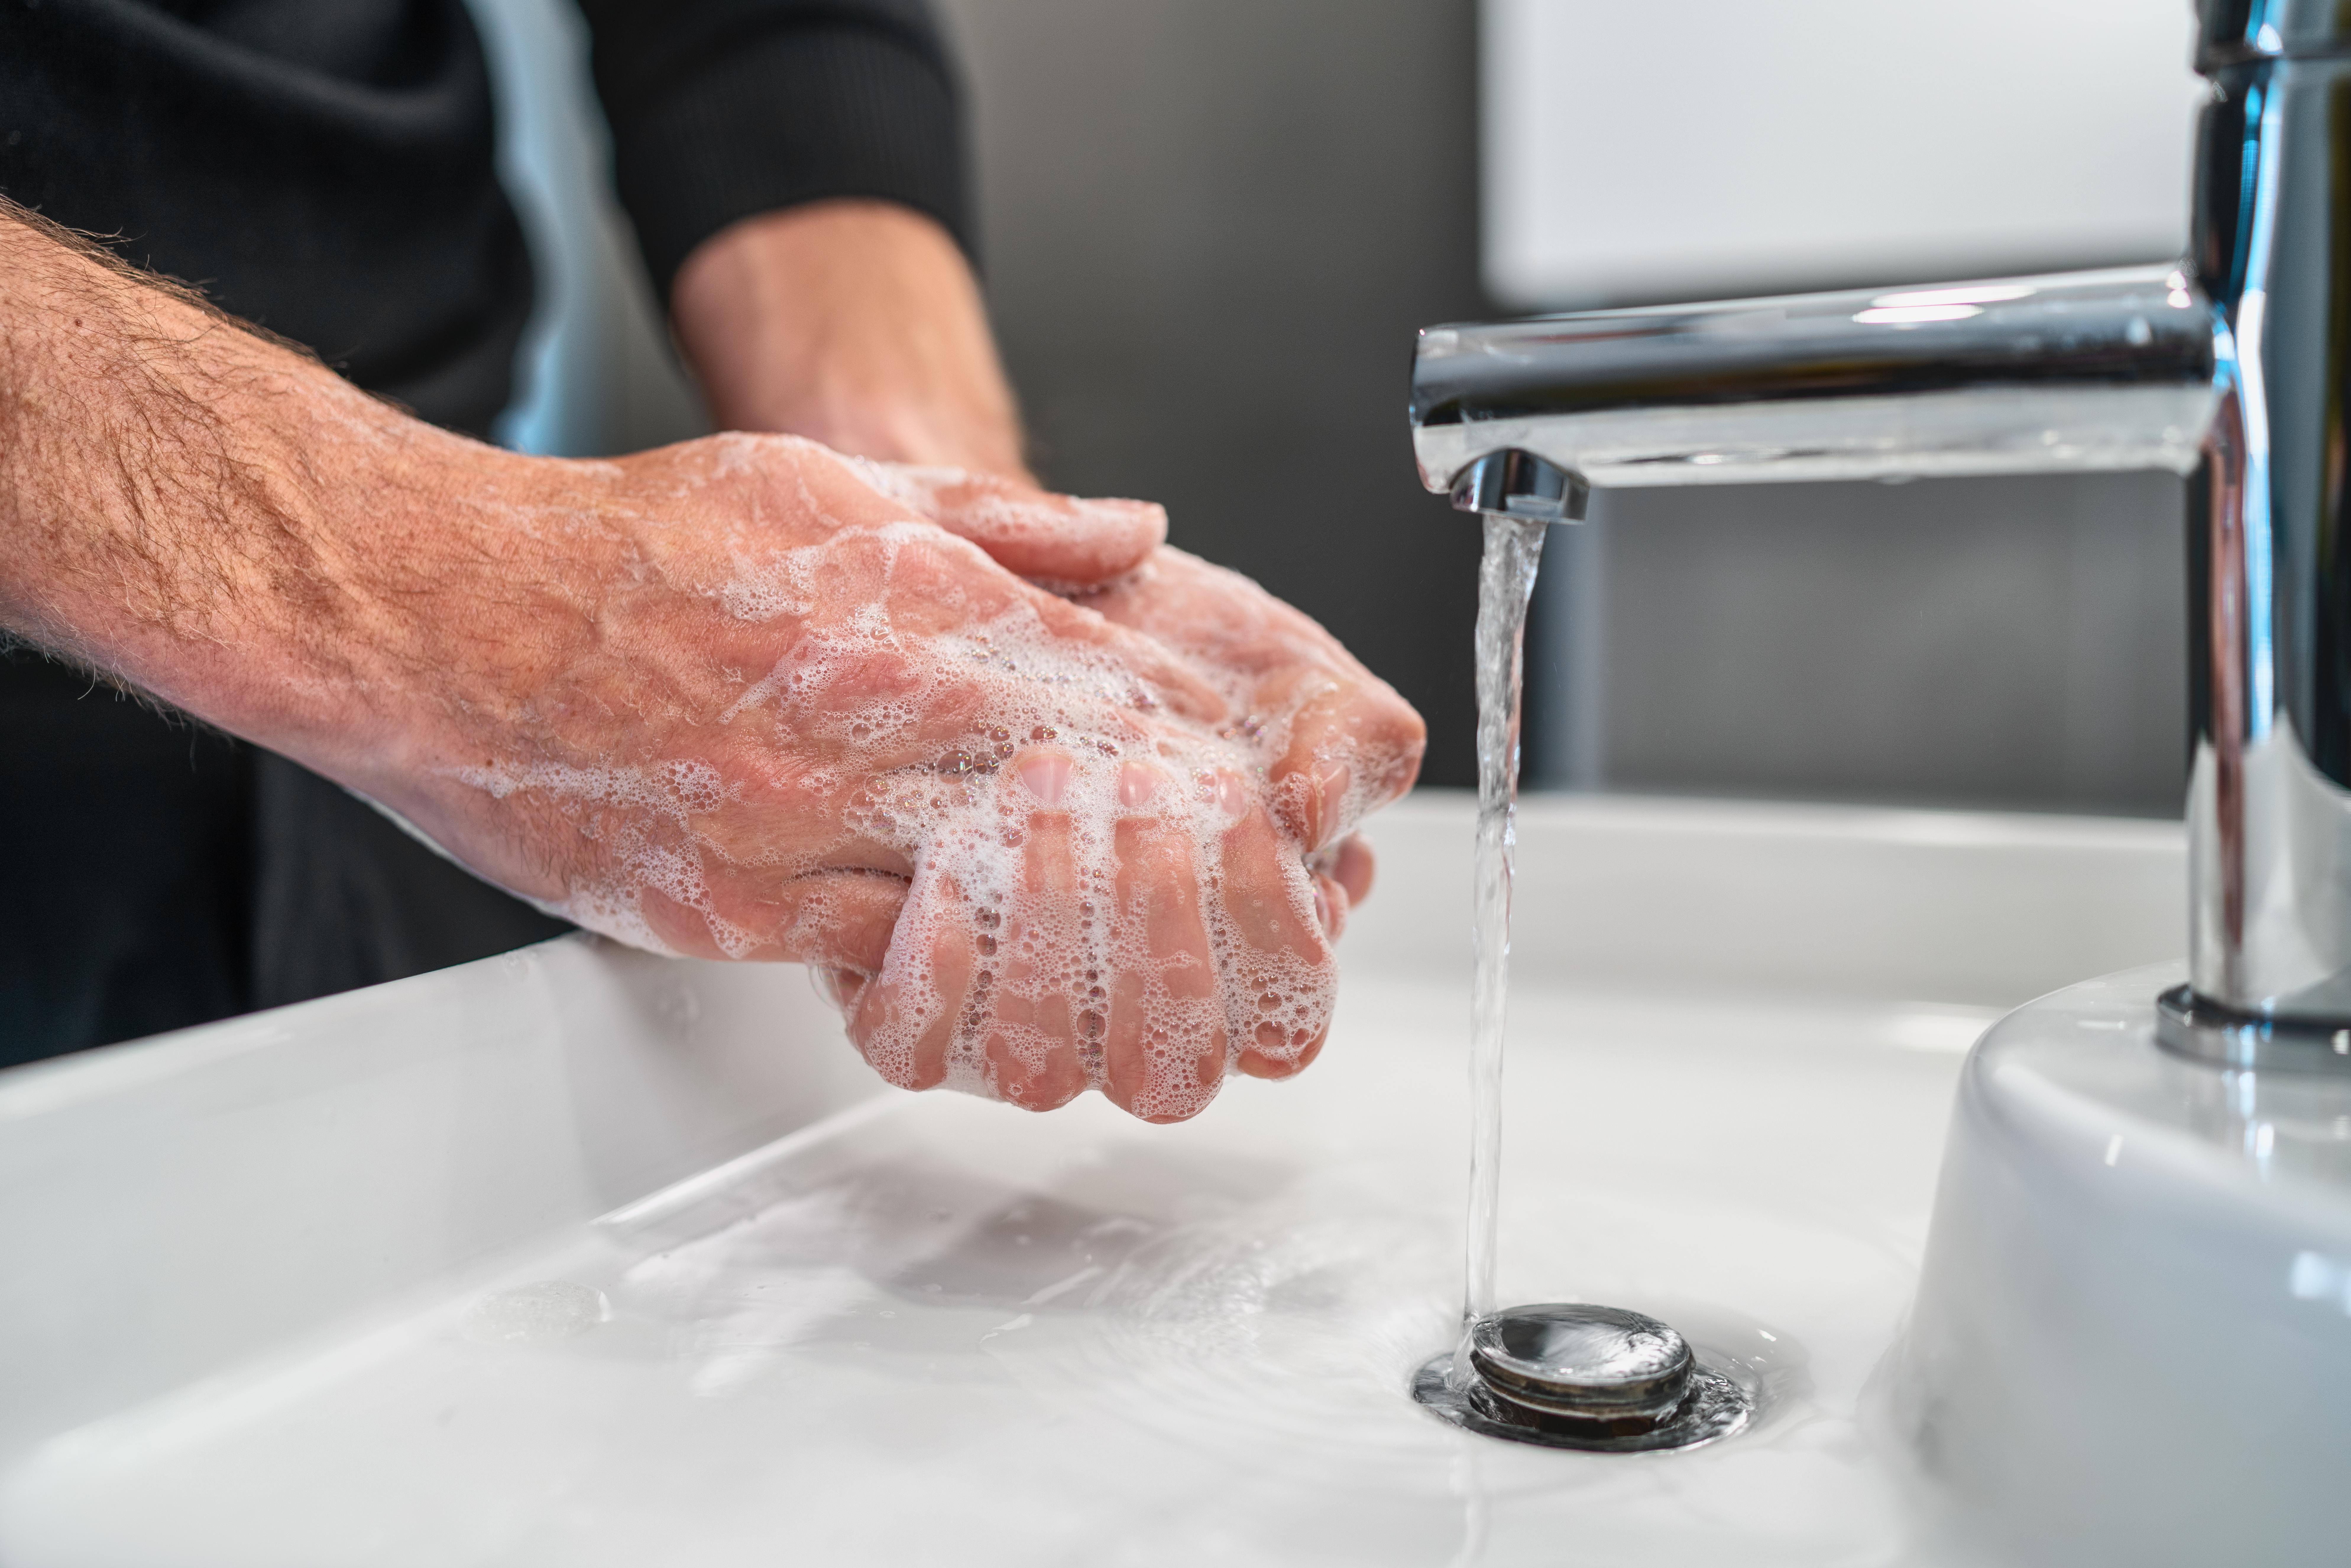 God handhygien är en av många förebyggande åtgärder som begränsar smittspridningen - att du följer råd och rekommendationer gör skillnad!